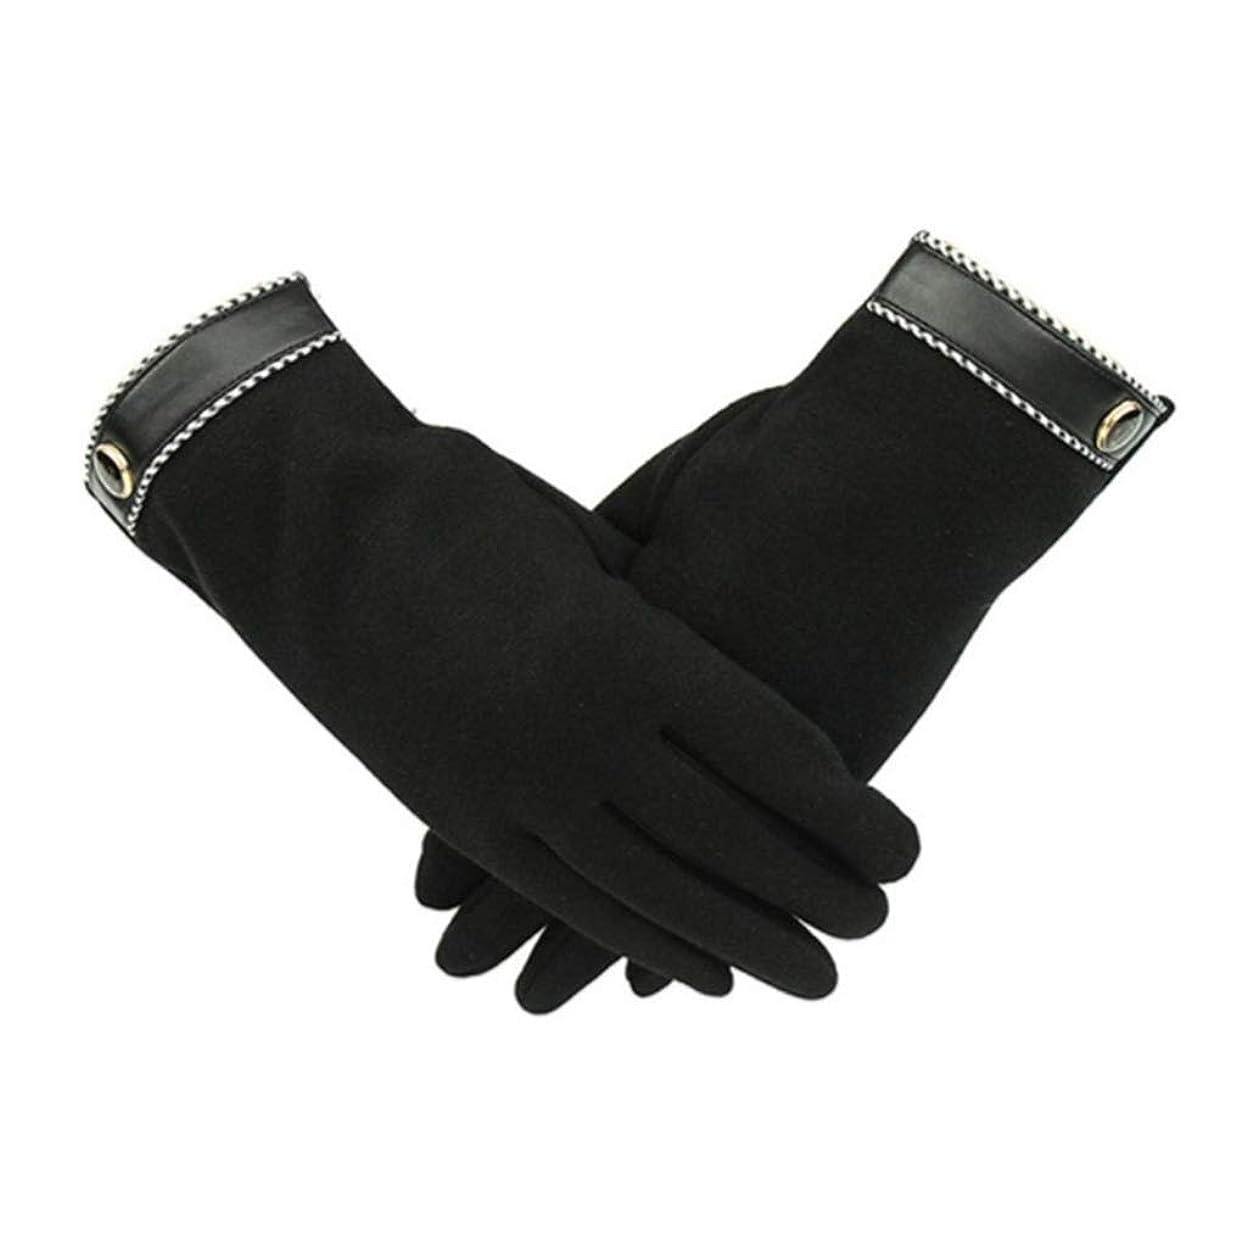 不道徳促進するタクシー手袋の男性プラスベルベット暖かい春と秋冬の屋外旅行は、ベルベットのタッチスクリーンの手袋ではない (色 : 黒)